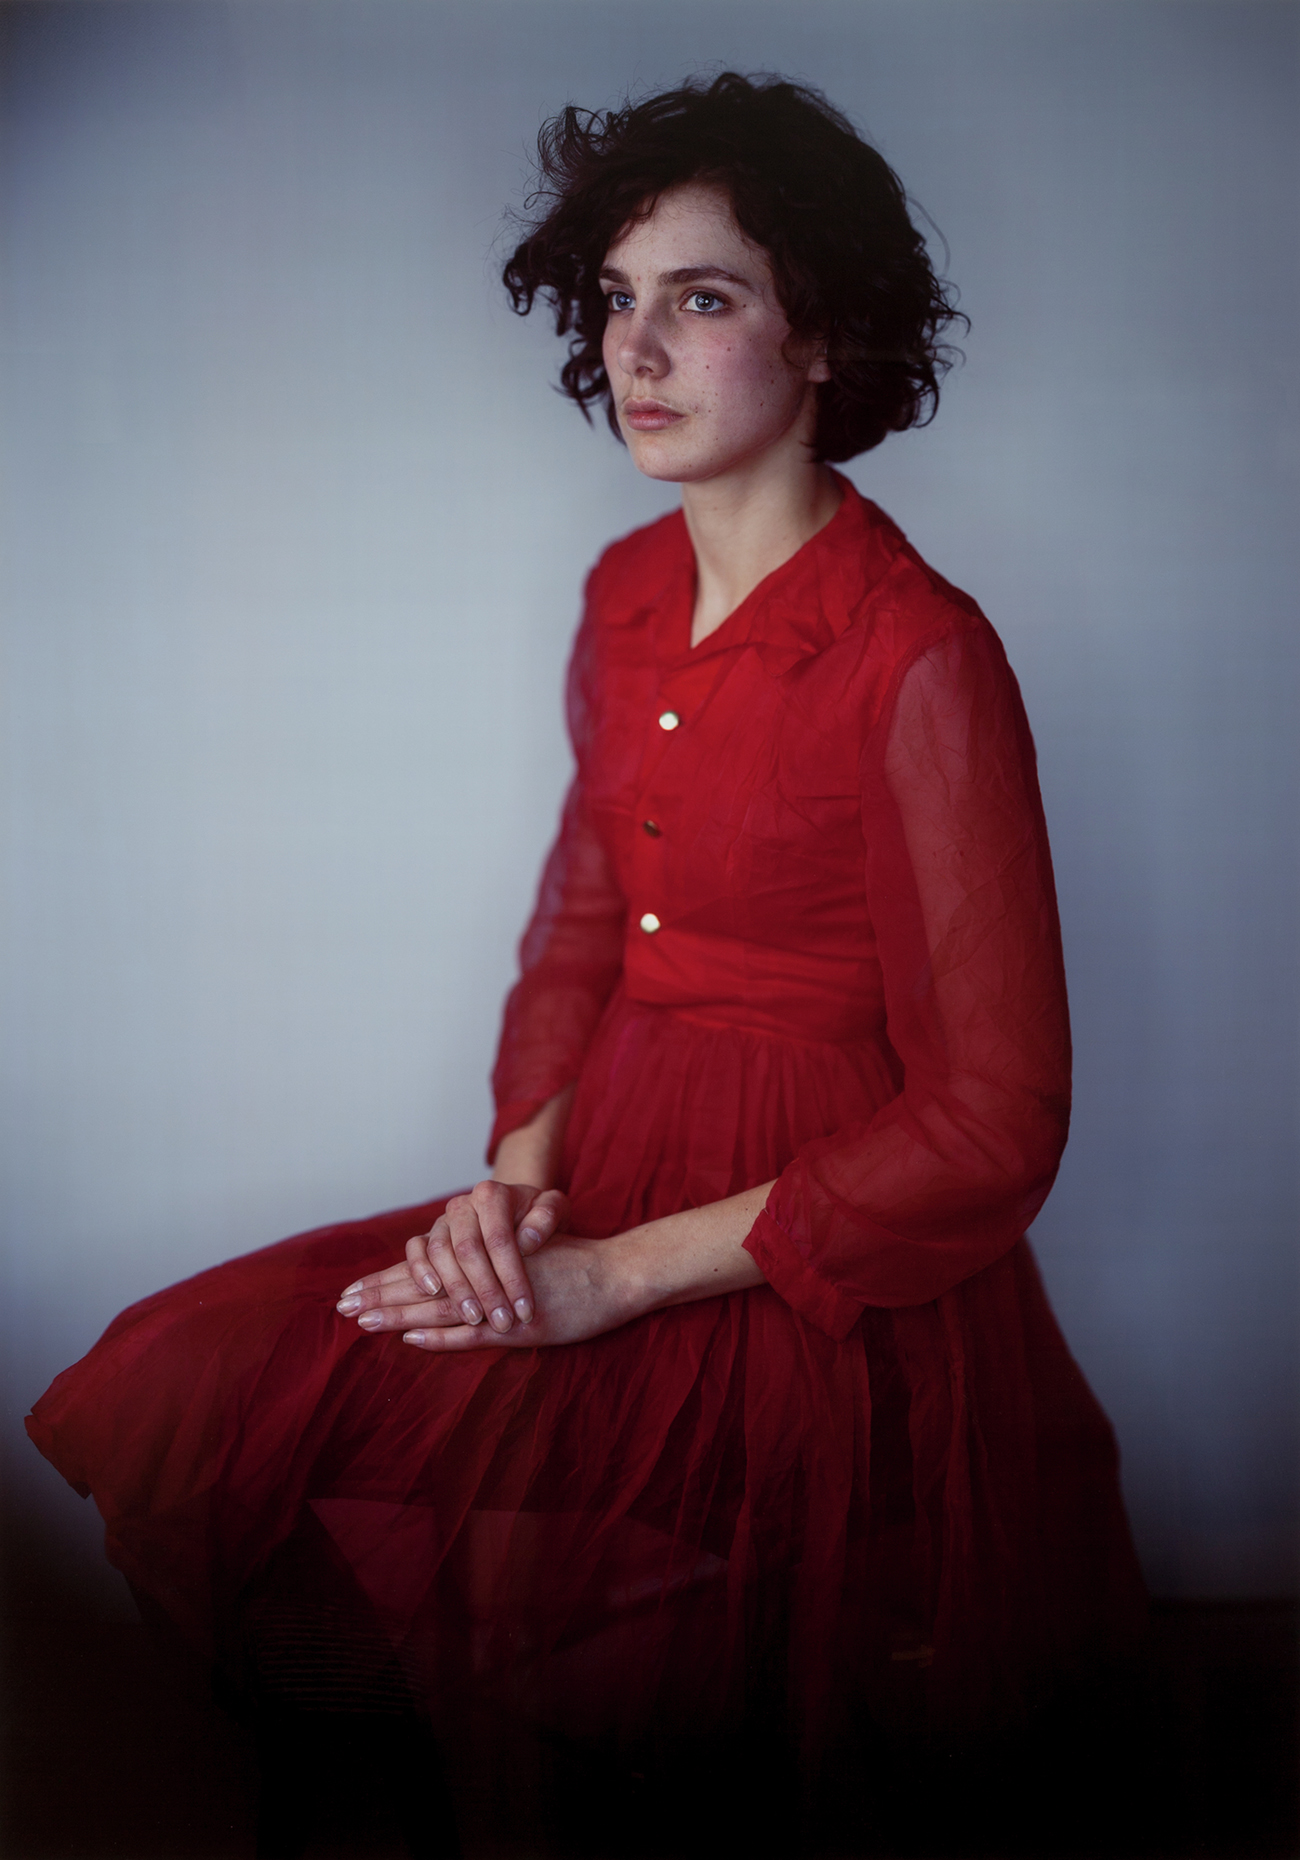 Agnes in Red Dress, 2008, Richard Learoyd, silver-dye bleach print. © Richard Learoyd, courtesy Fraenkel Gallery, San Francisco.